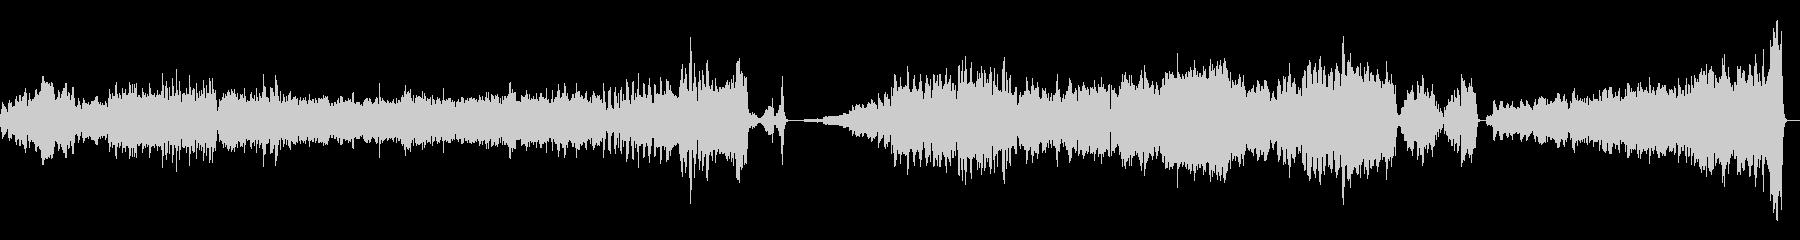 映画音楽風オーケストラ演奏曲の未再生の波形